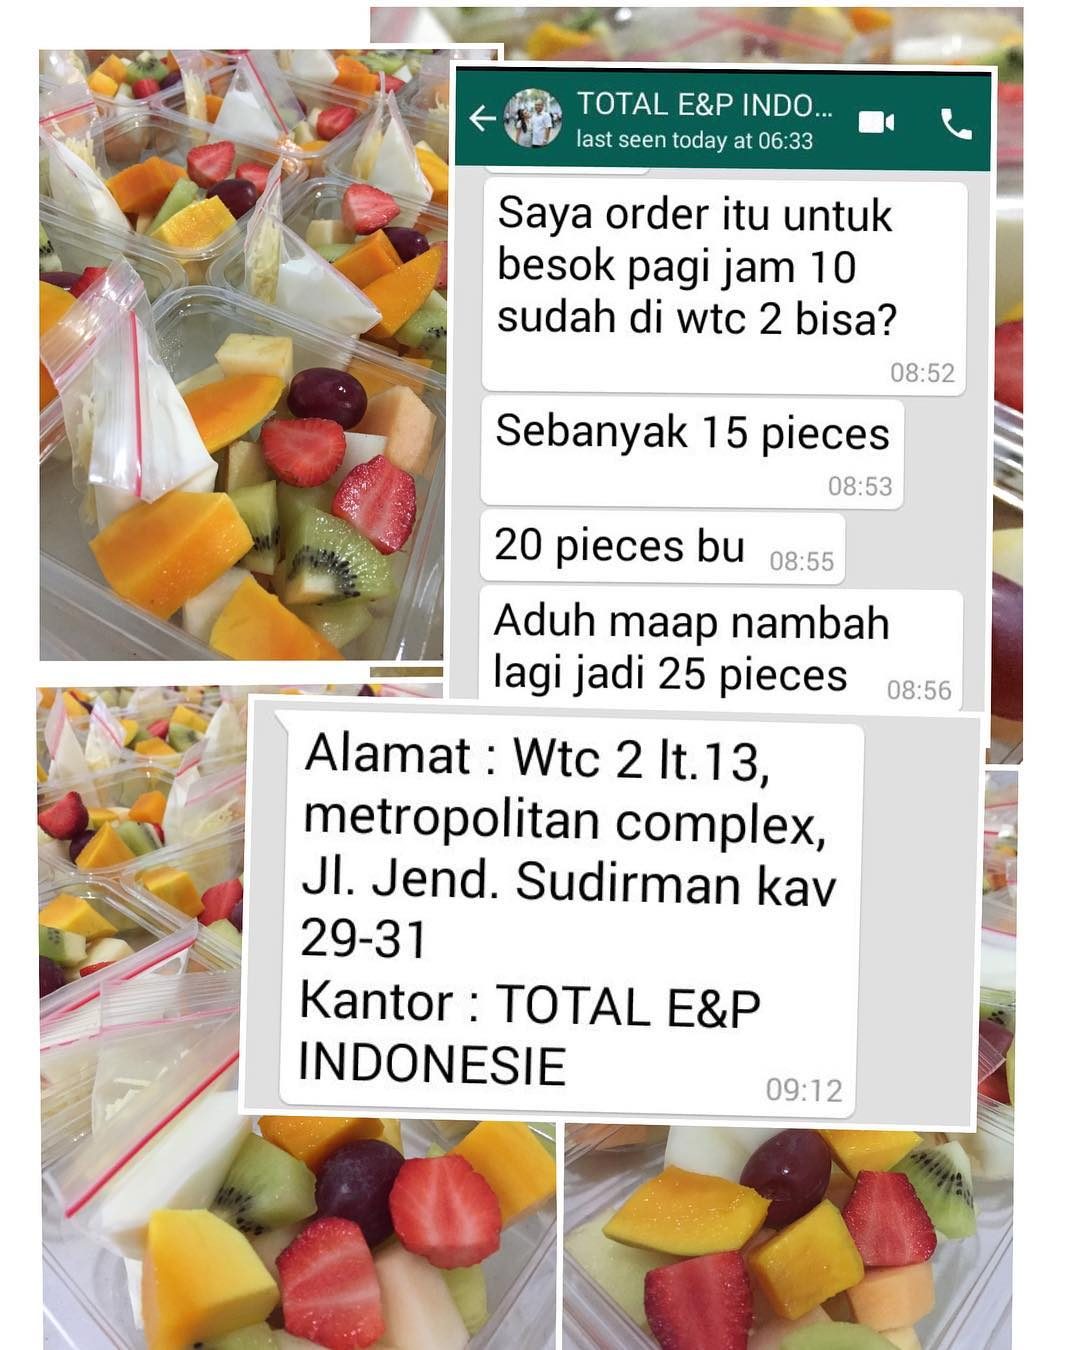 Pesanan Salad Buah dari TOTAL E&P INDONESIE